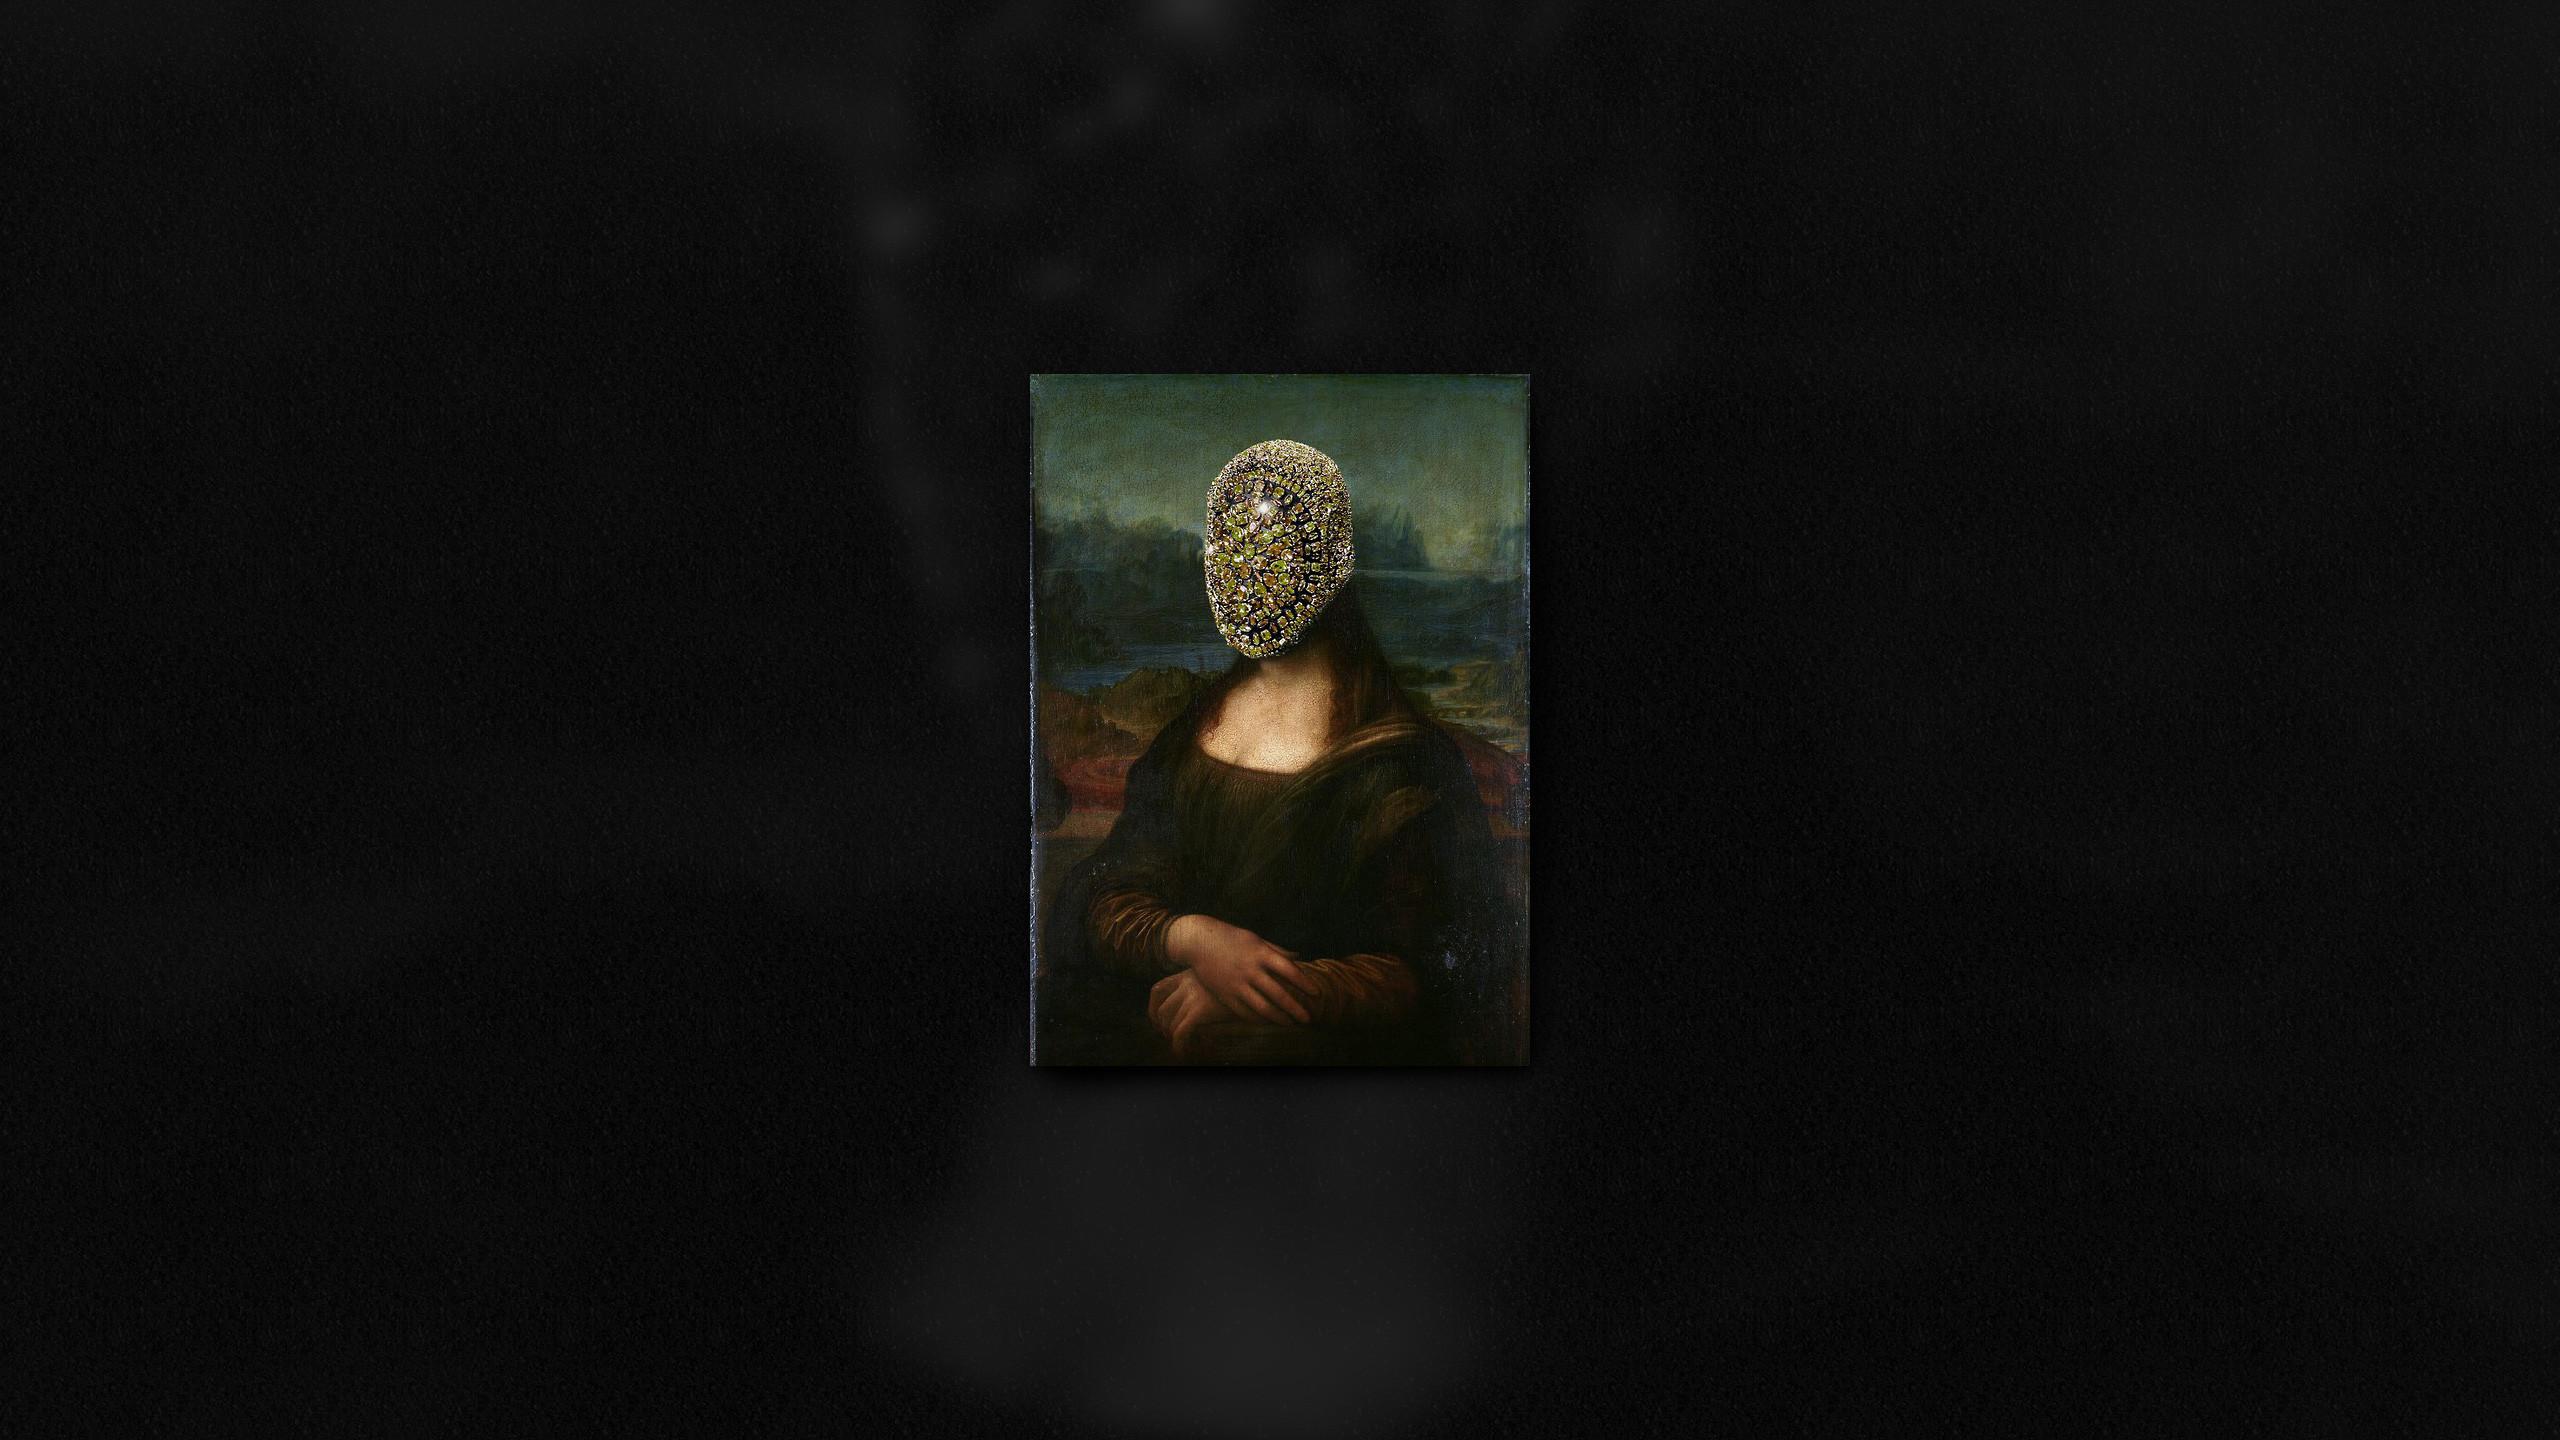 yeezus masks on profound art pieces page 3 kanye west forum